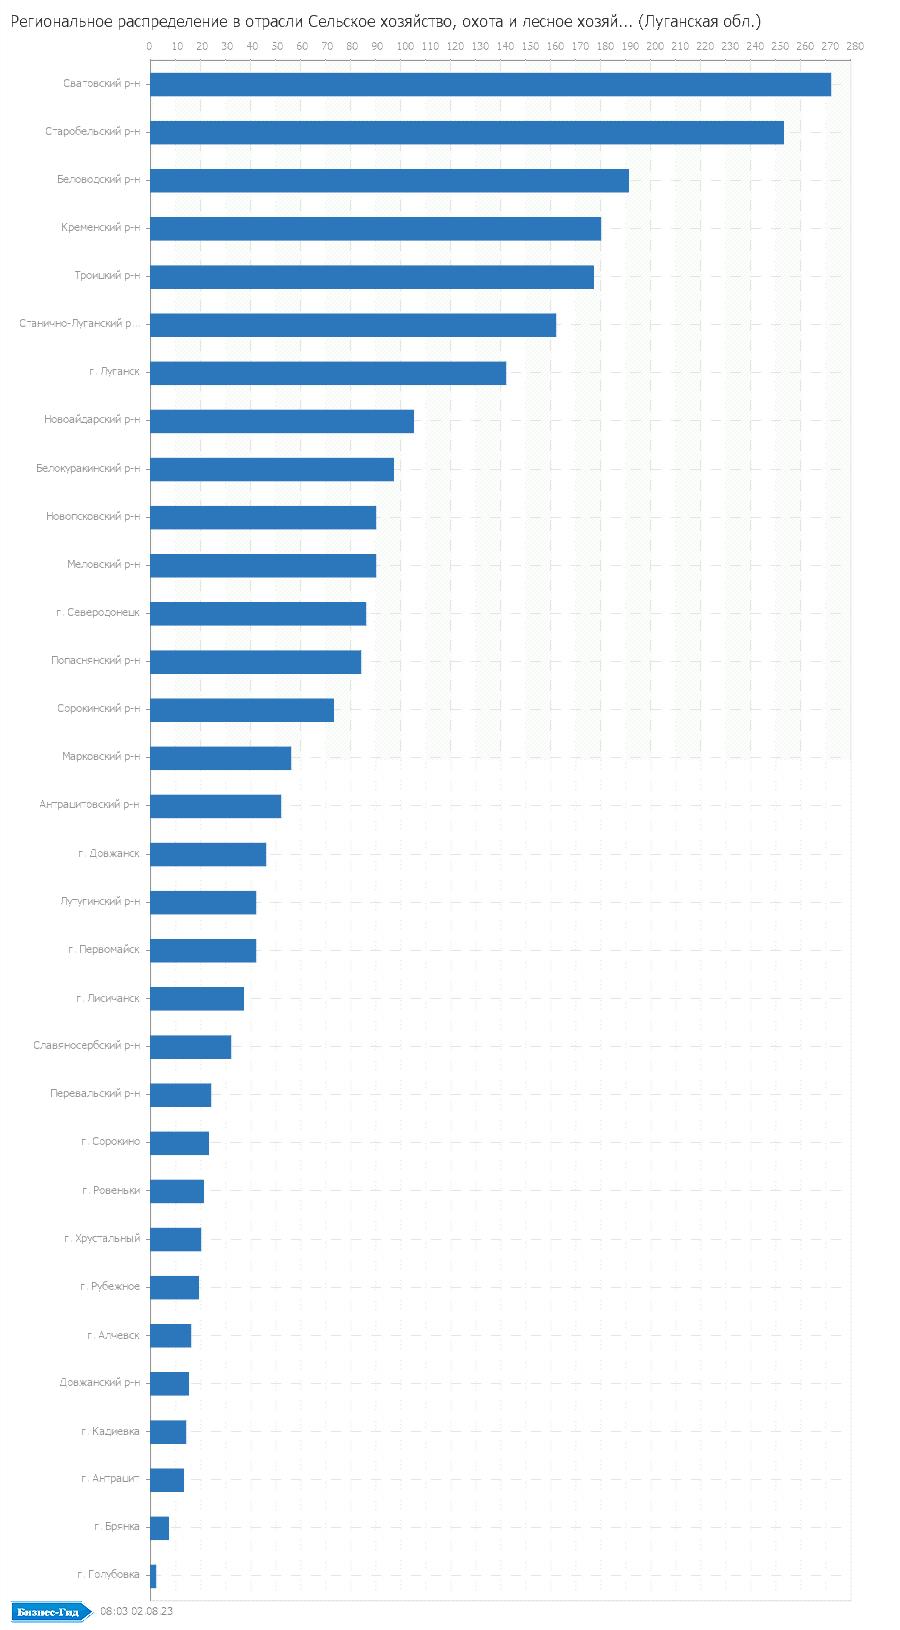 Региональное распределение в отрасли: Сельское хозяйство, охота и лесное хозяйство (Луганская обл.)